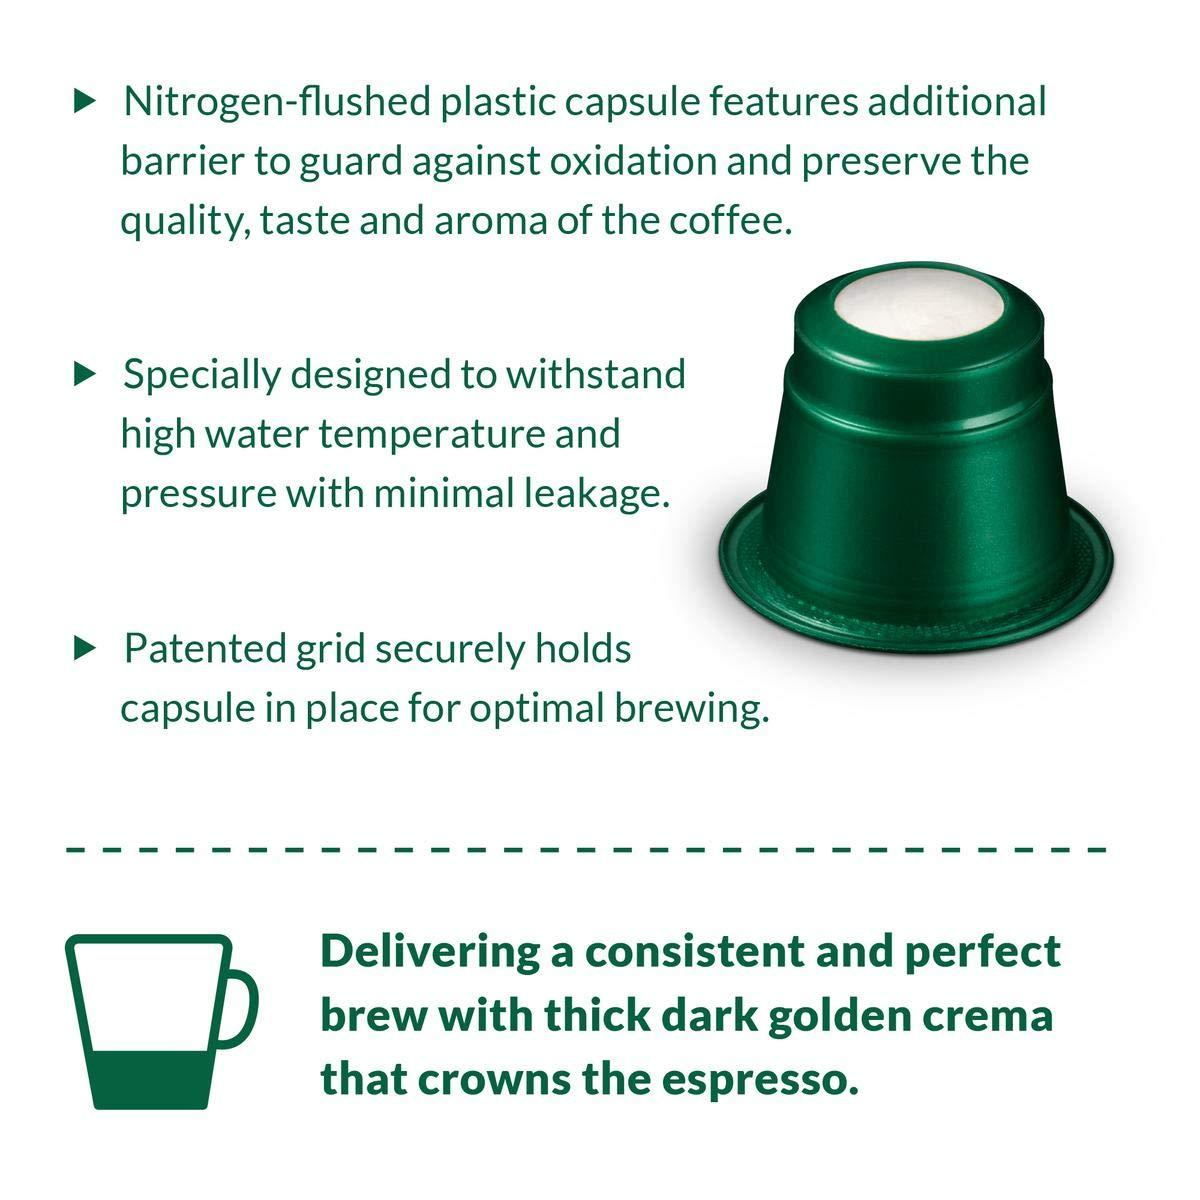 Café La Llave Espresso Capsules, Intensity 11 (80 Pods) Compatible with Nespresso OriginalLine Machines, Single Cup Coffee by Cafe La Llave (Image #2)